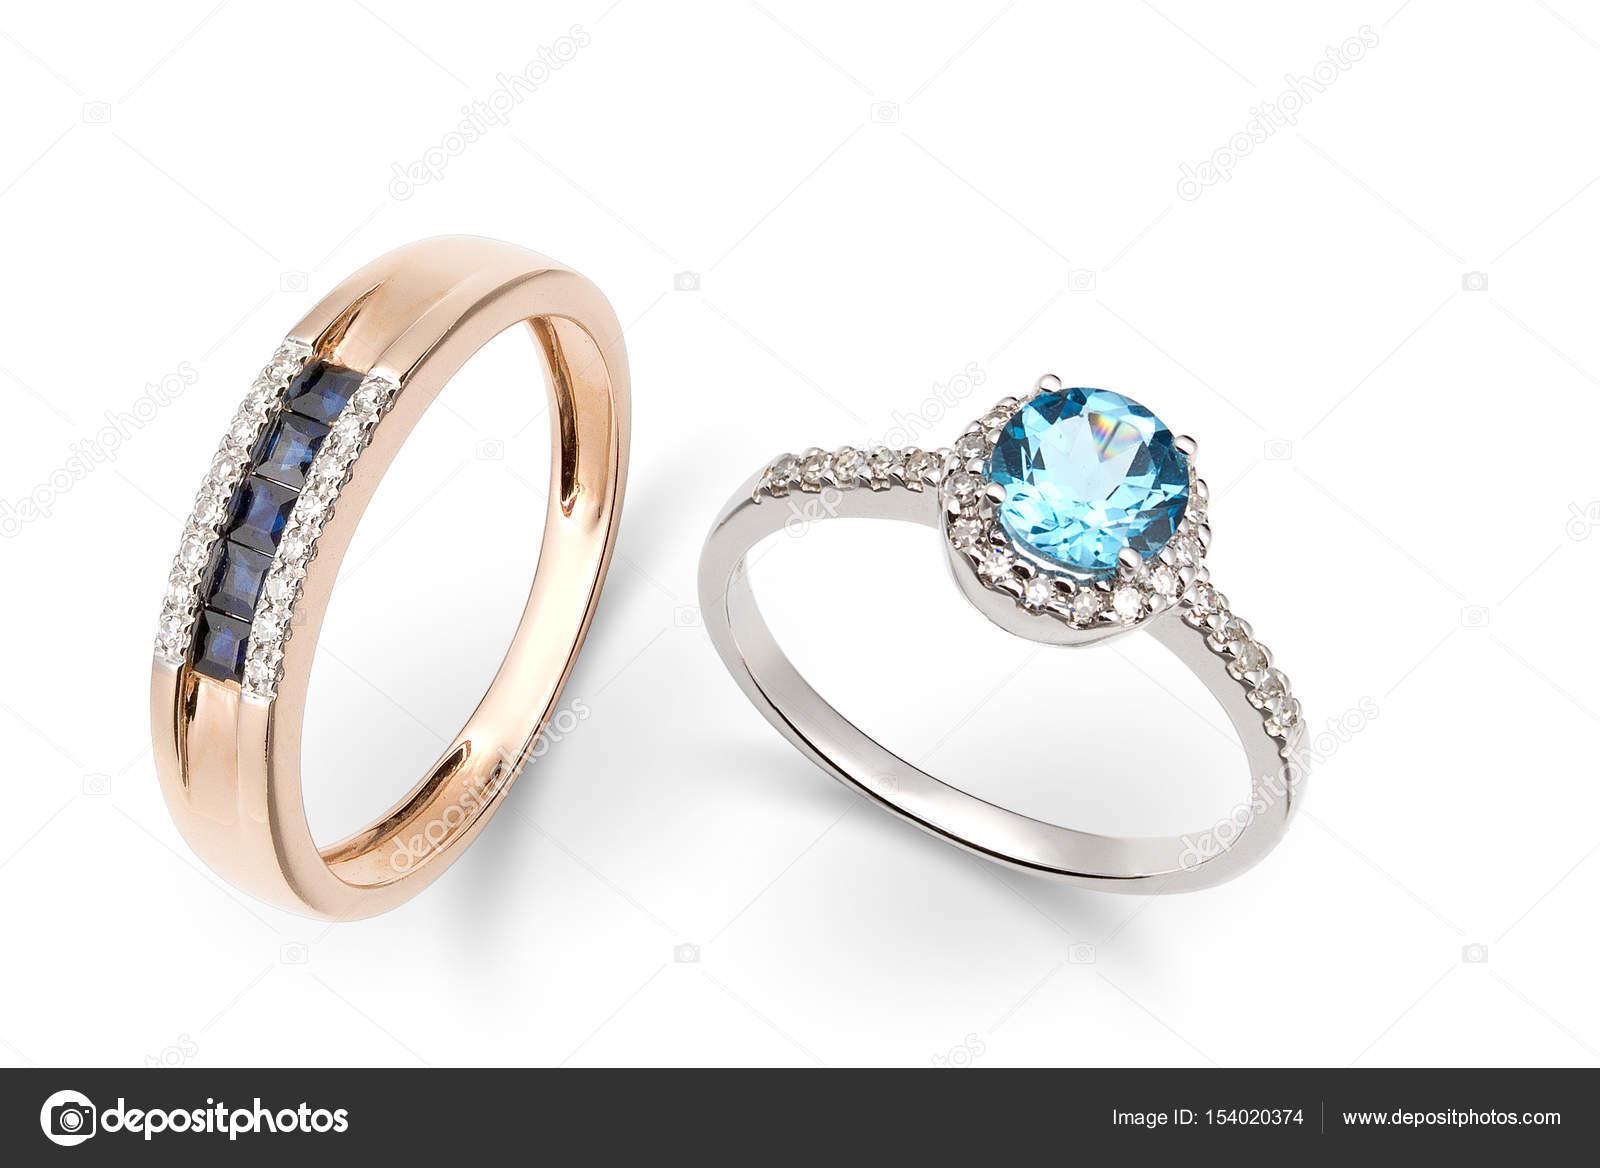 Золотые кольца с драгоценными камнями в синий и белый– Стоковое изображение 6c3eb3e2ed198